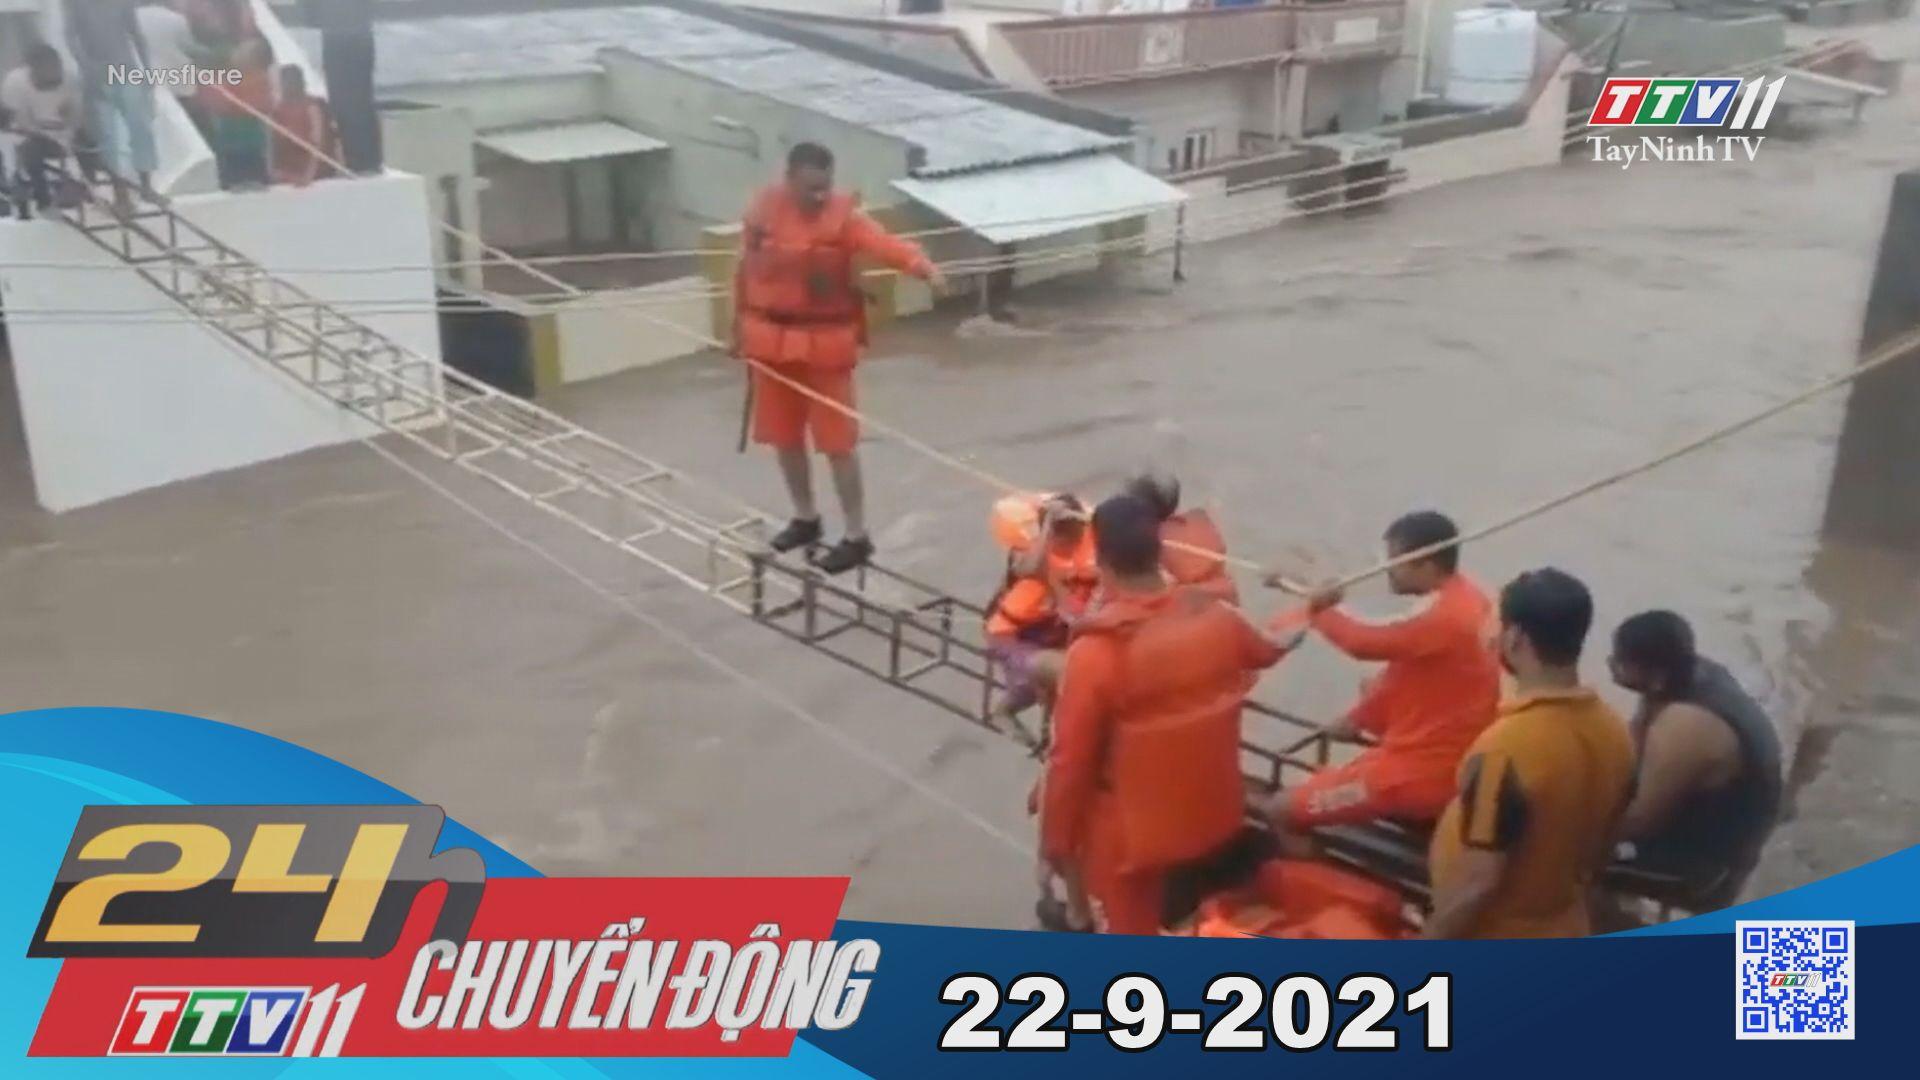 24h Chuyển động 22/9/2021 | Tin tức hôm nay | TayNinhTV